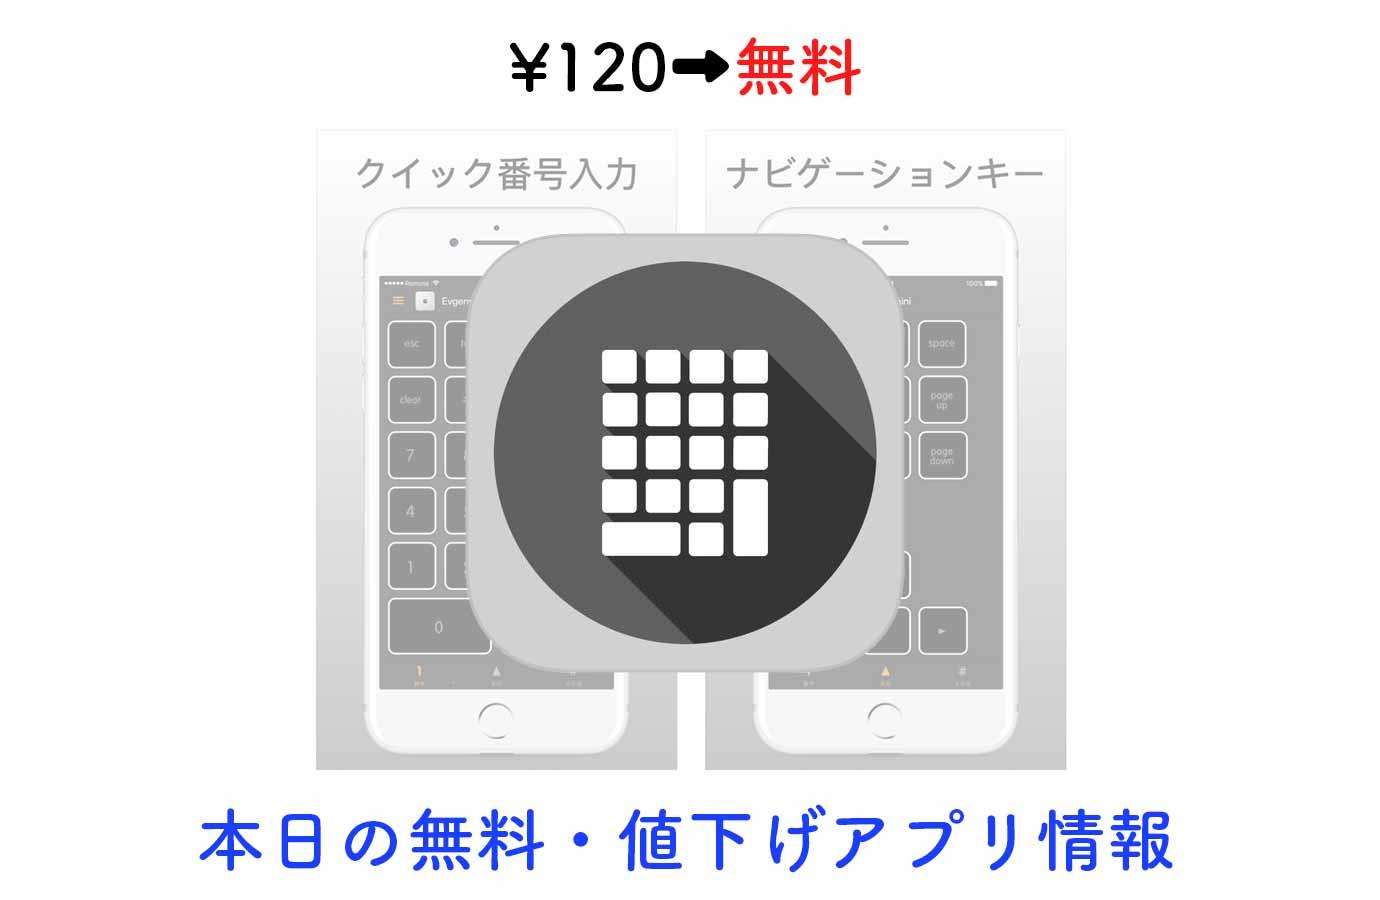 ¥120→無料、iPhoneをMacのテンキーとして使える「Remote Keyboard Pad for Mac」など【9/23】本日の無料・値下げアプリ情報